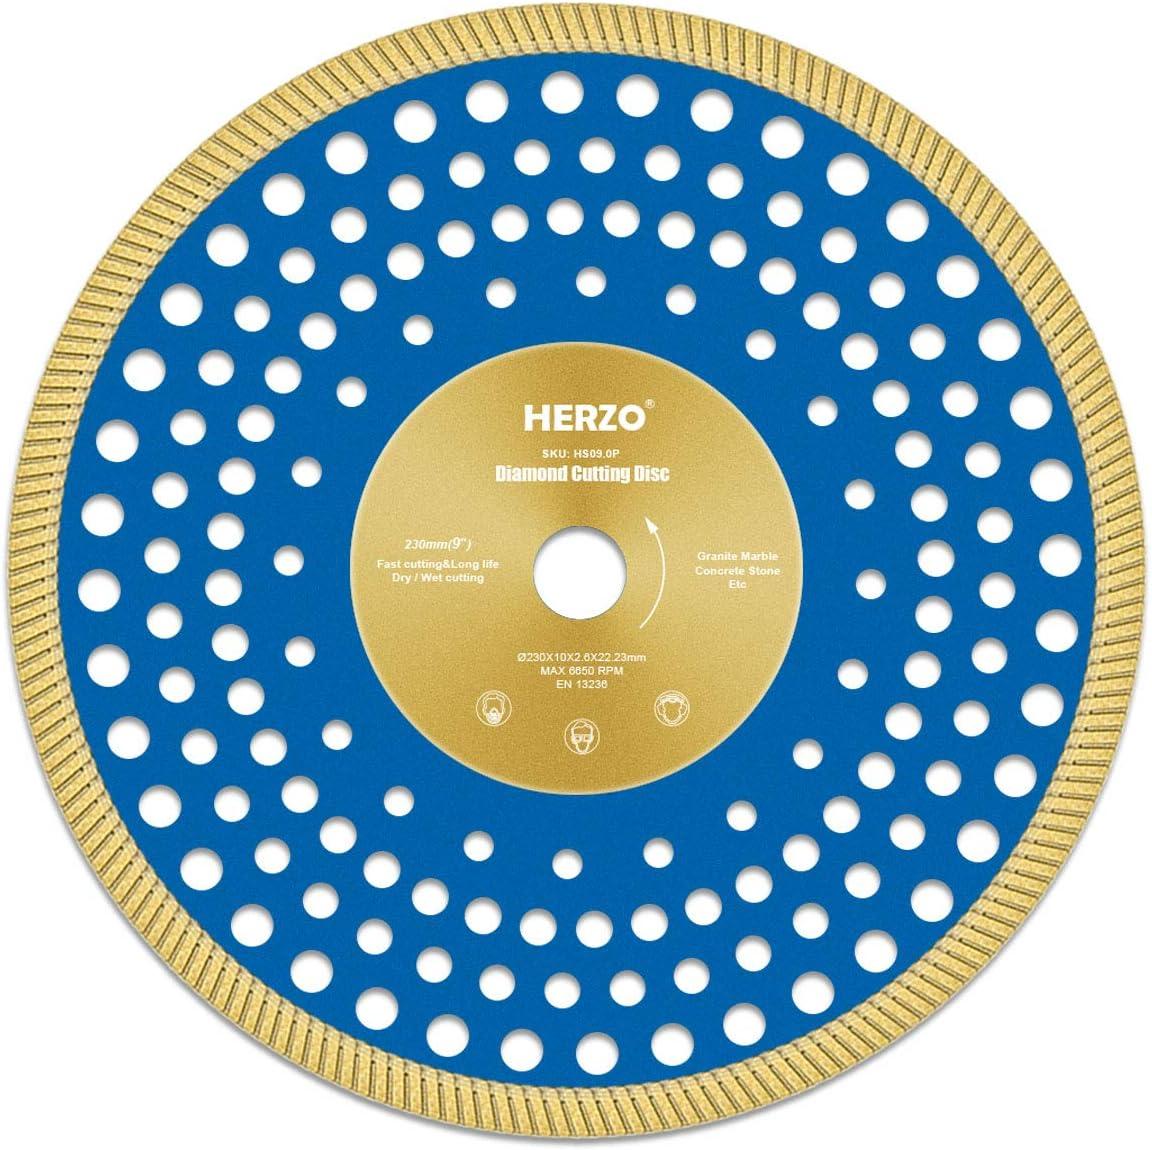 Disco de corte de diamante 230 mm HERZO Disco Diamante para corte de Porcelanico,Cer/ámica dura,Azulejos,M/ármol,Granito,Piedra caliza